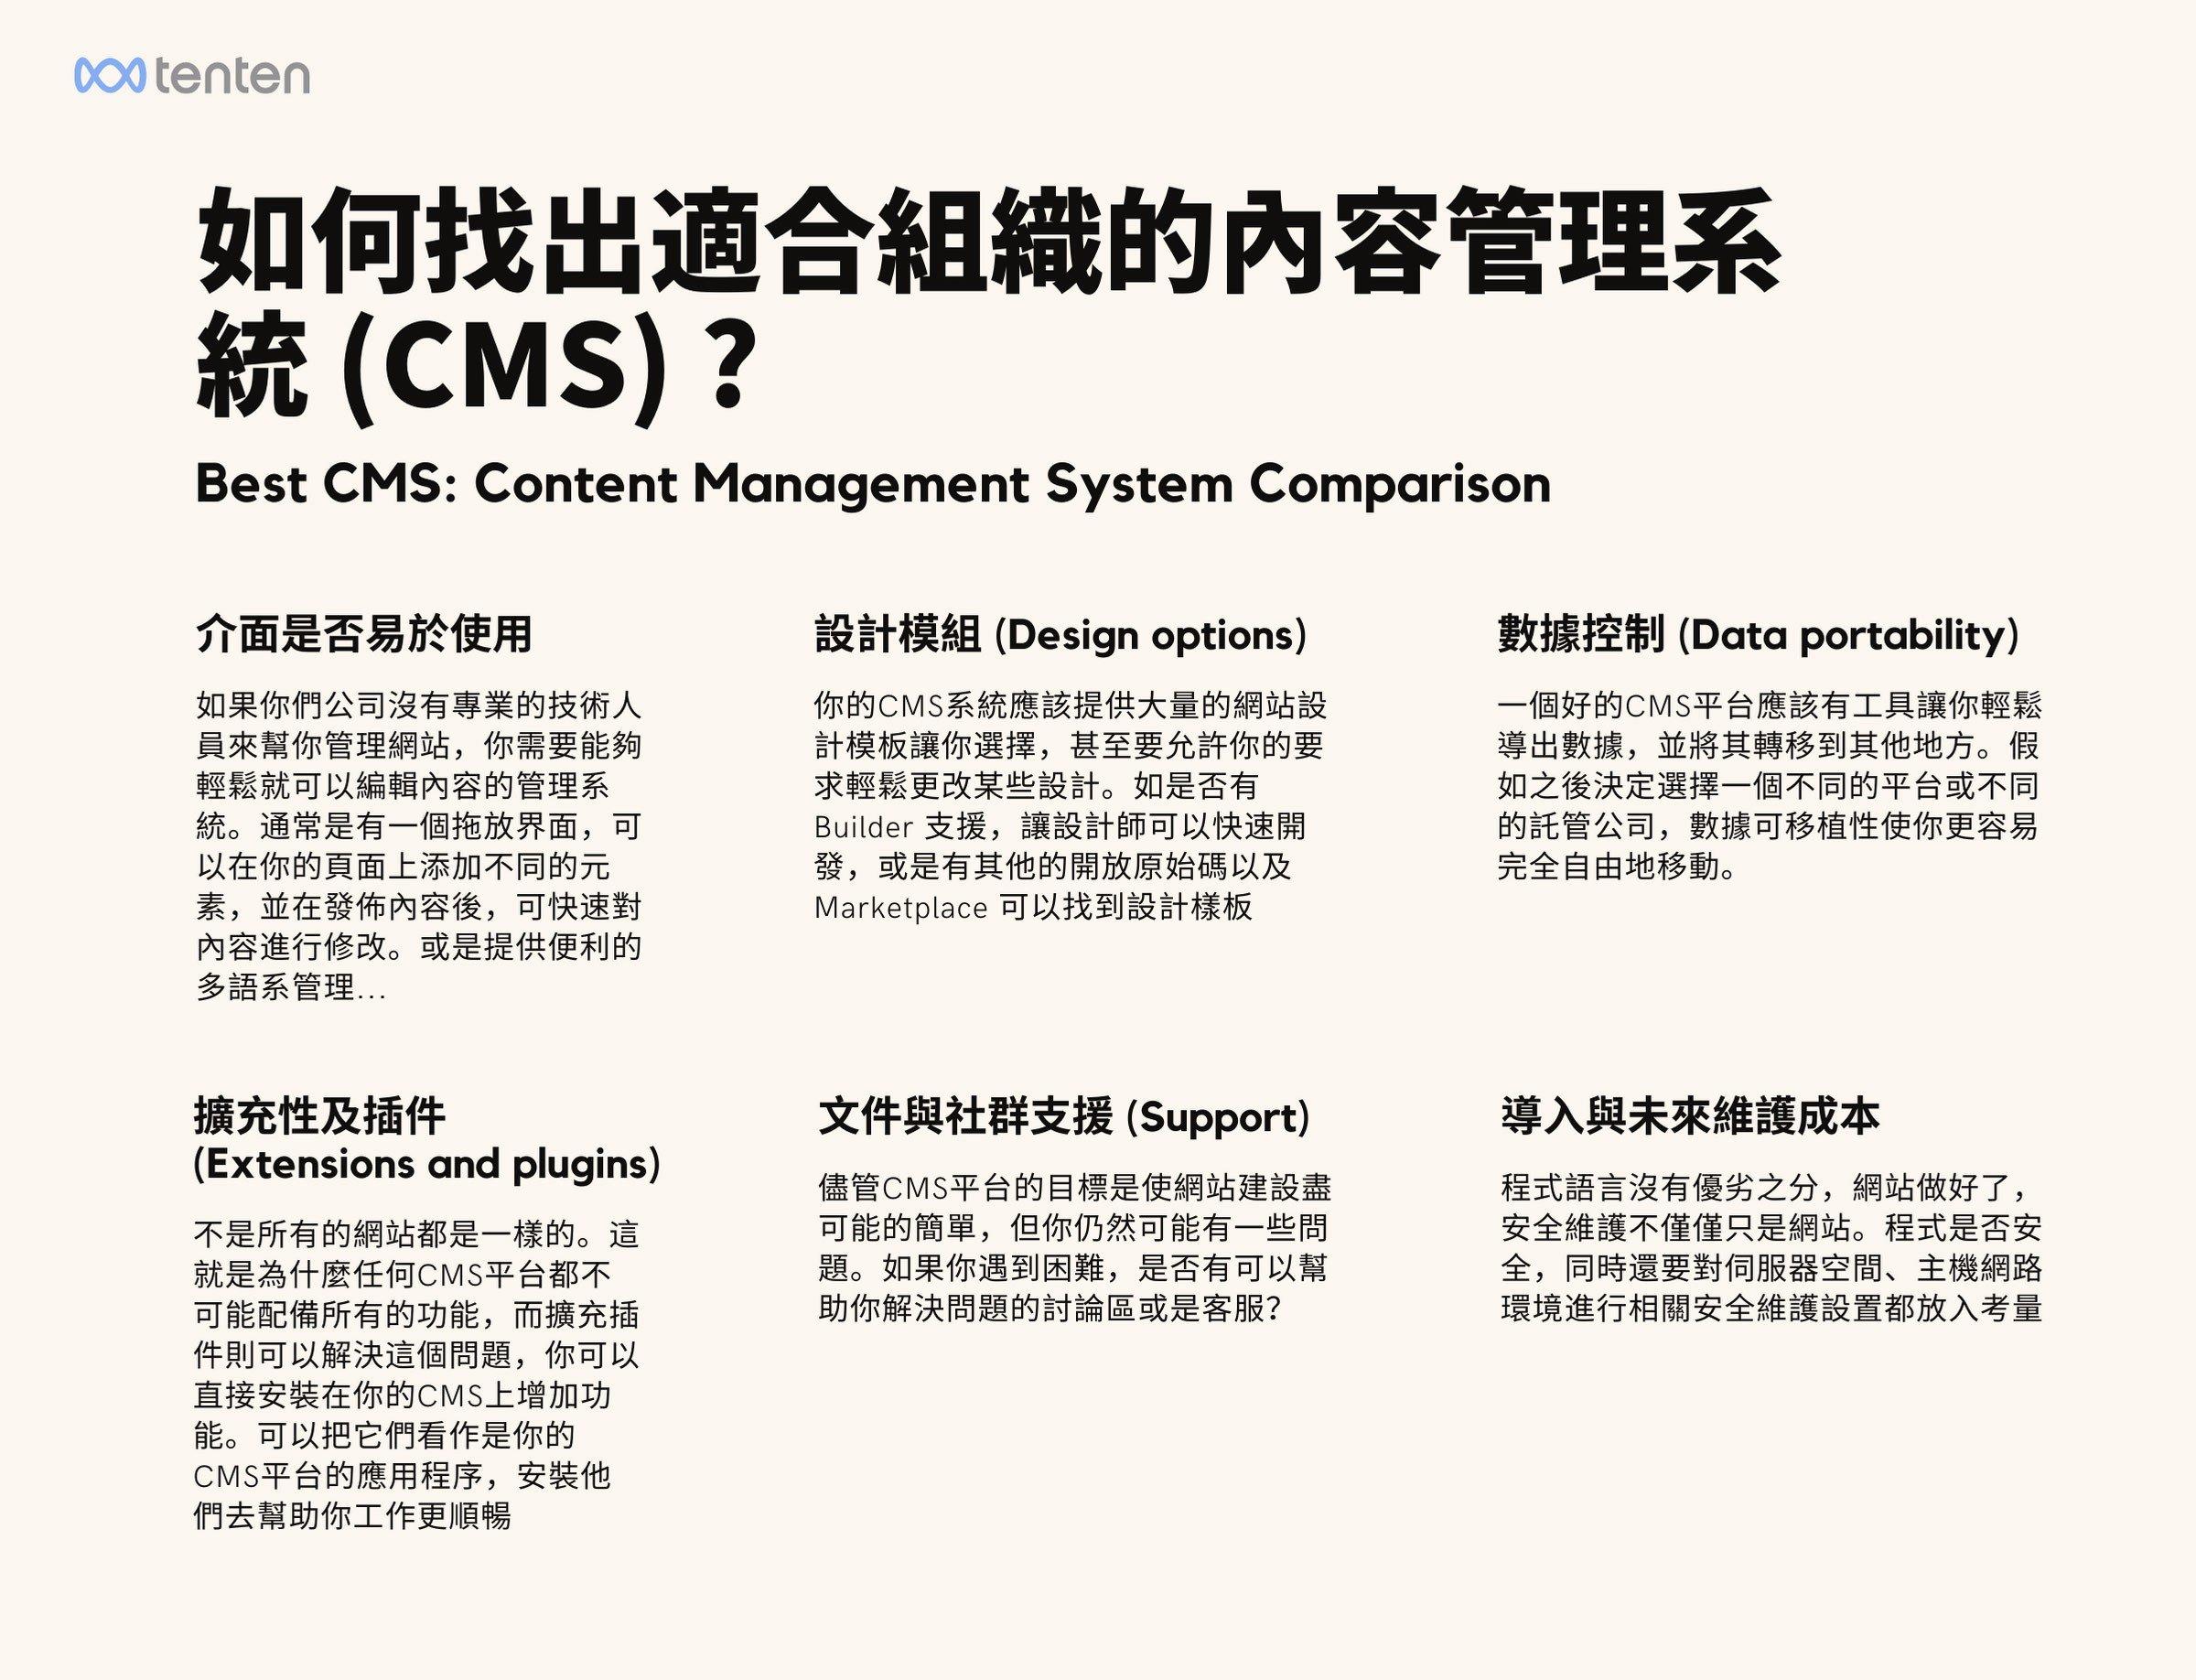 好的CMS選用準則-內容管理系統